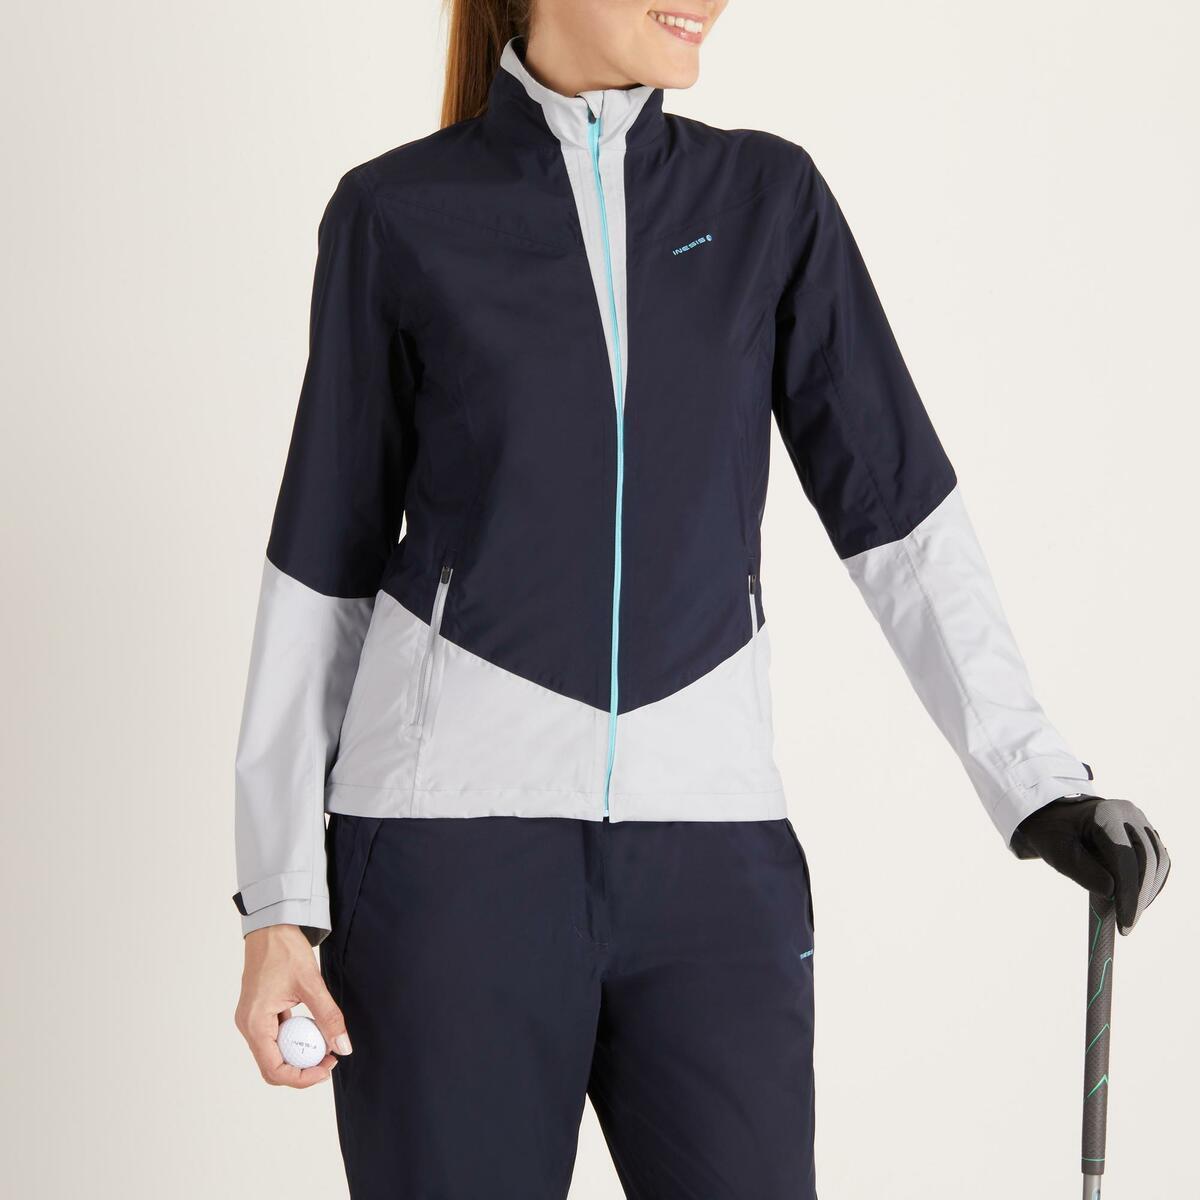 Bild 2 von Golf Regenjacke 900 Damen marineblau/grau wasserdicht